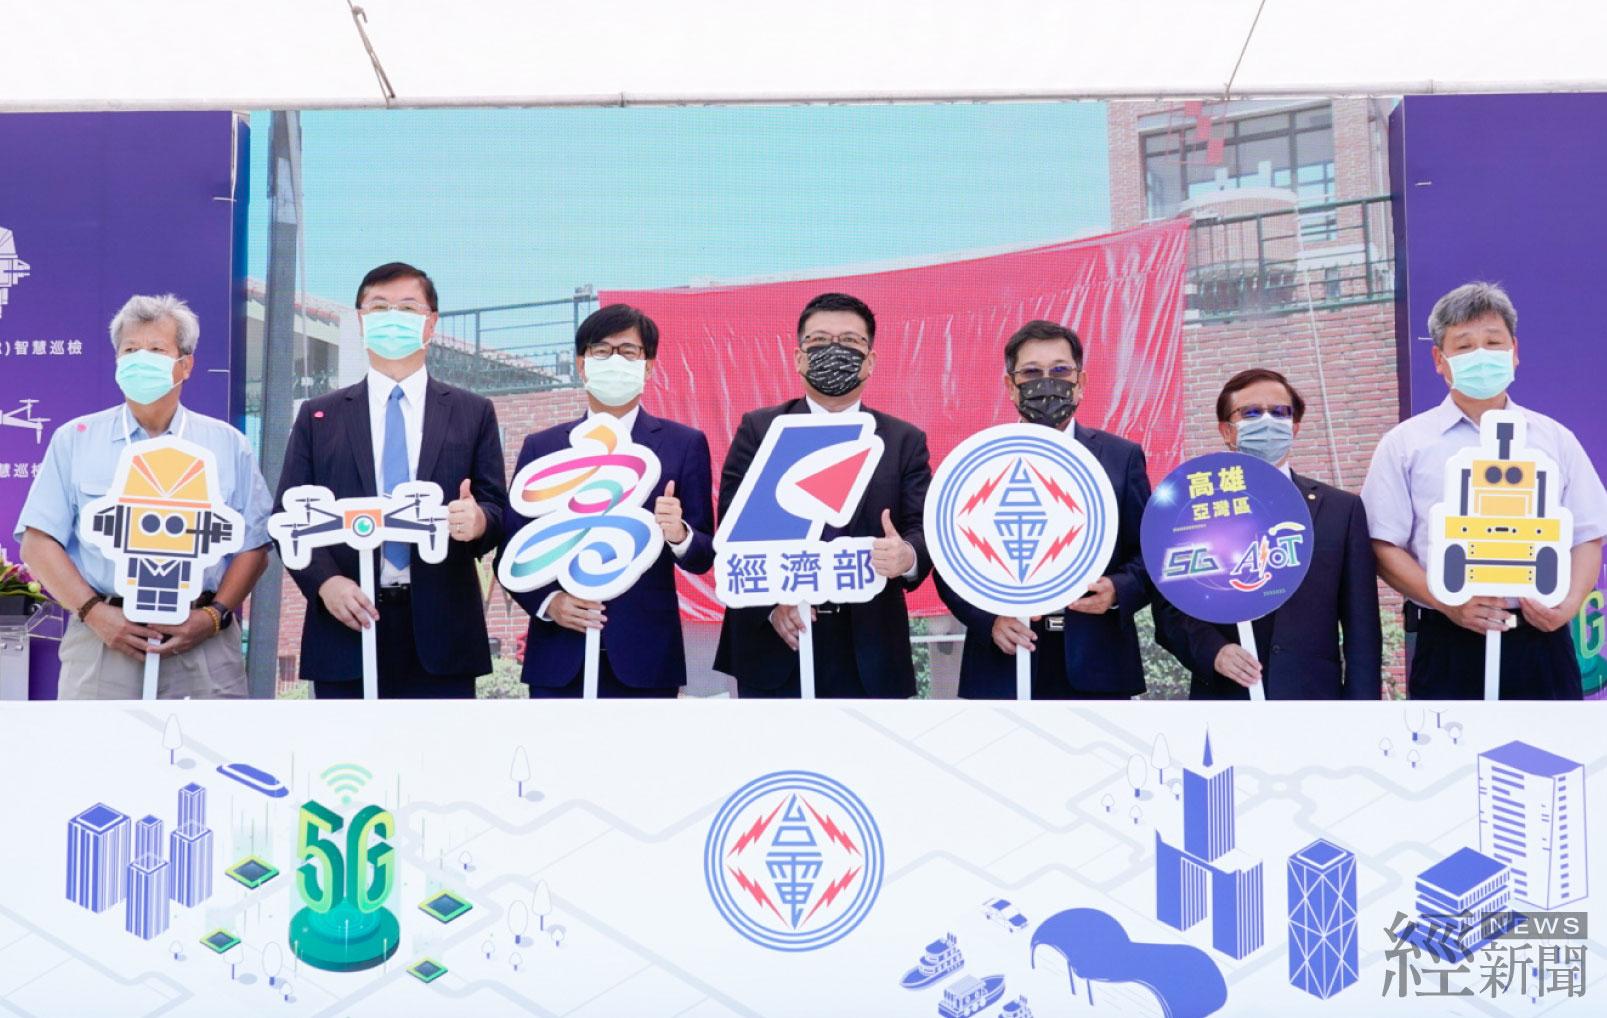 台電今舉行5G AIoT推動辦公室揭牌儀式」,由台電董事長楊偉甫與高雄市長陳其邁、經濟部次長曾文生等各界貴賓共同見證